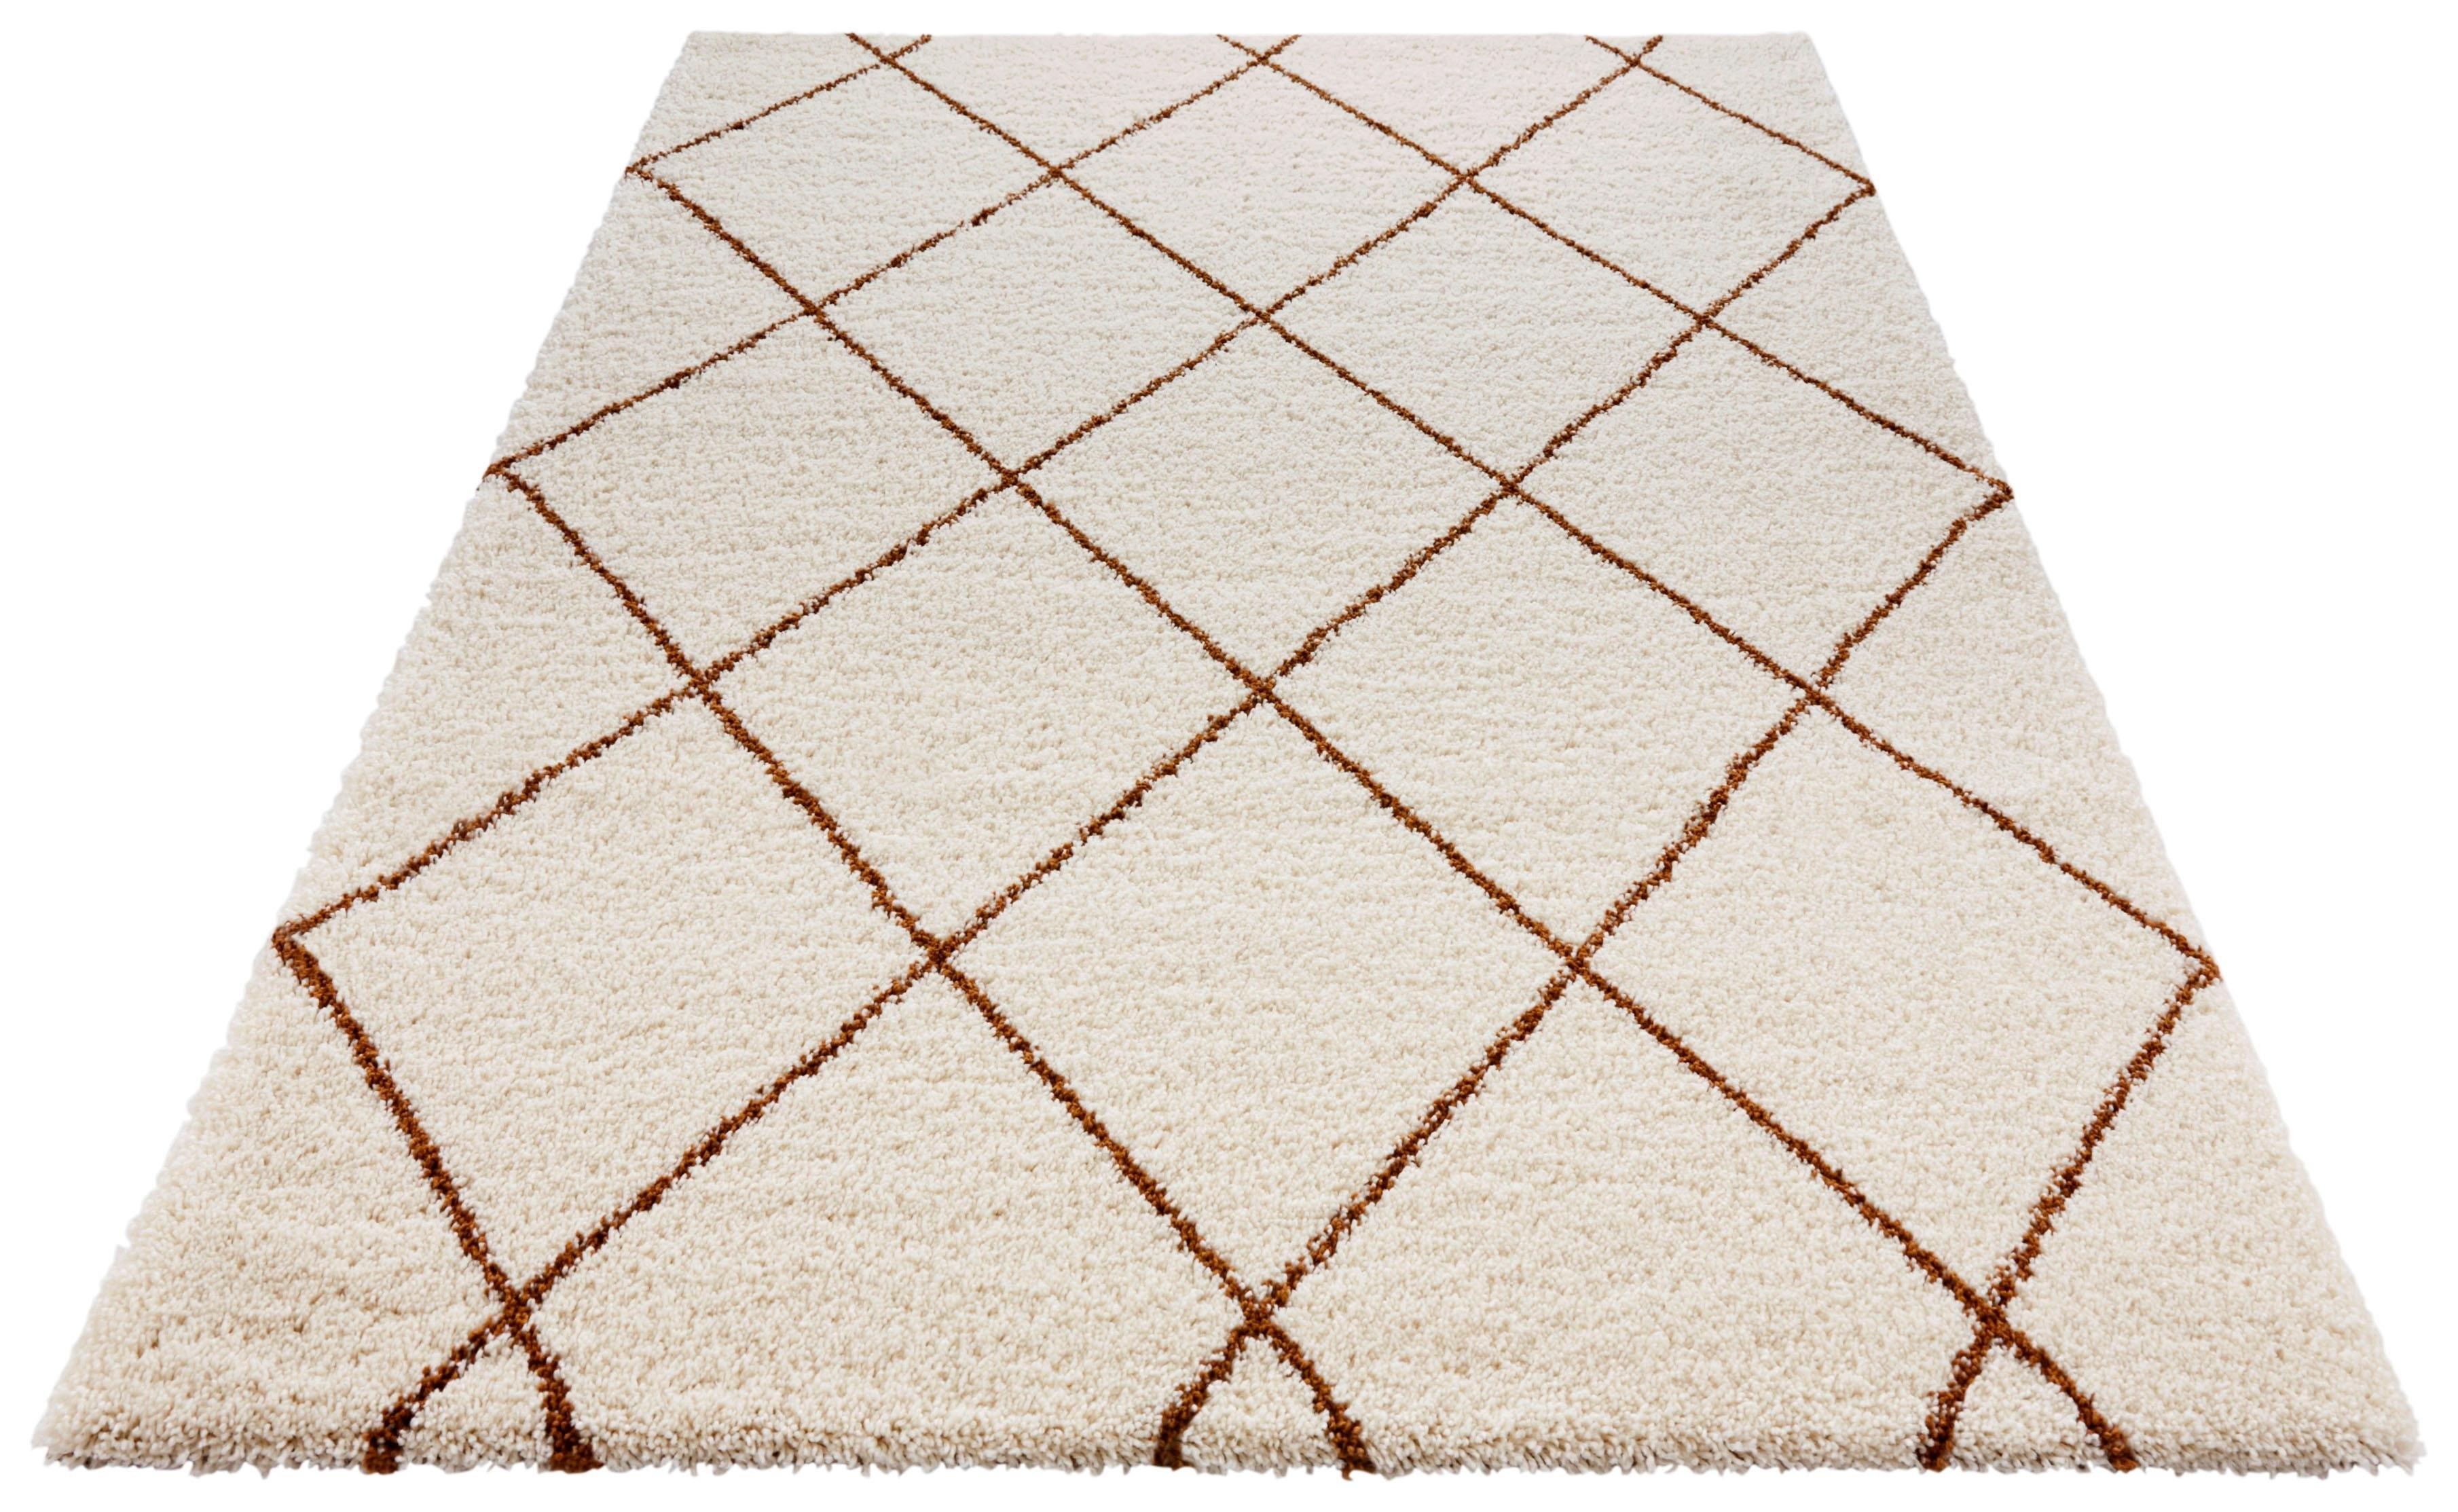 MINT RUGS Hoogpolig vloerkleed, »Feel«, rechthoekig, hoogte 35 mm, machinaal geweven bestellen: 30 dagen bedenktijd